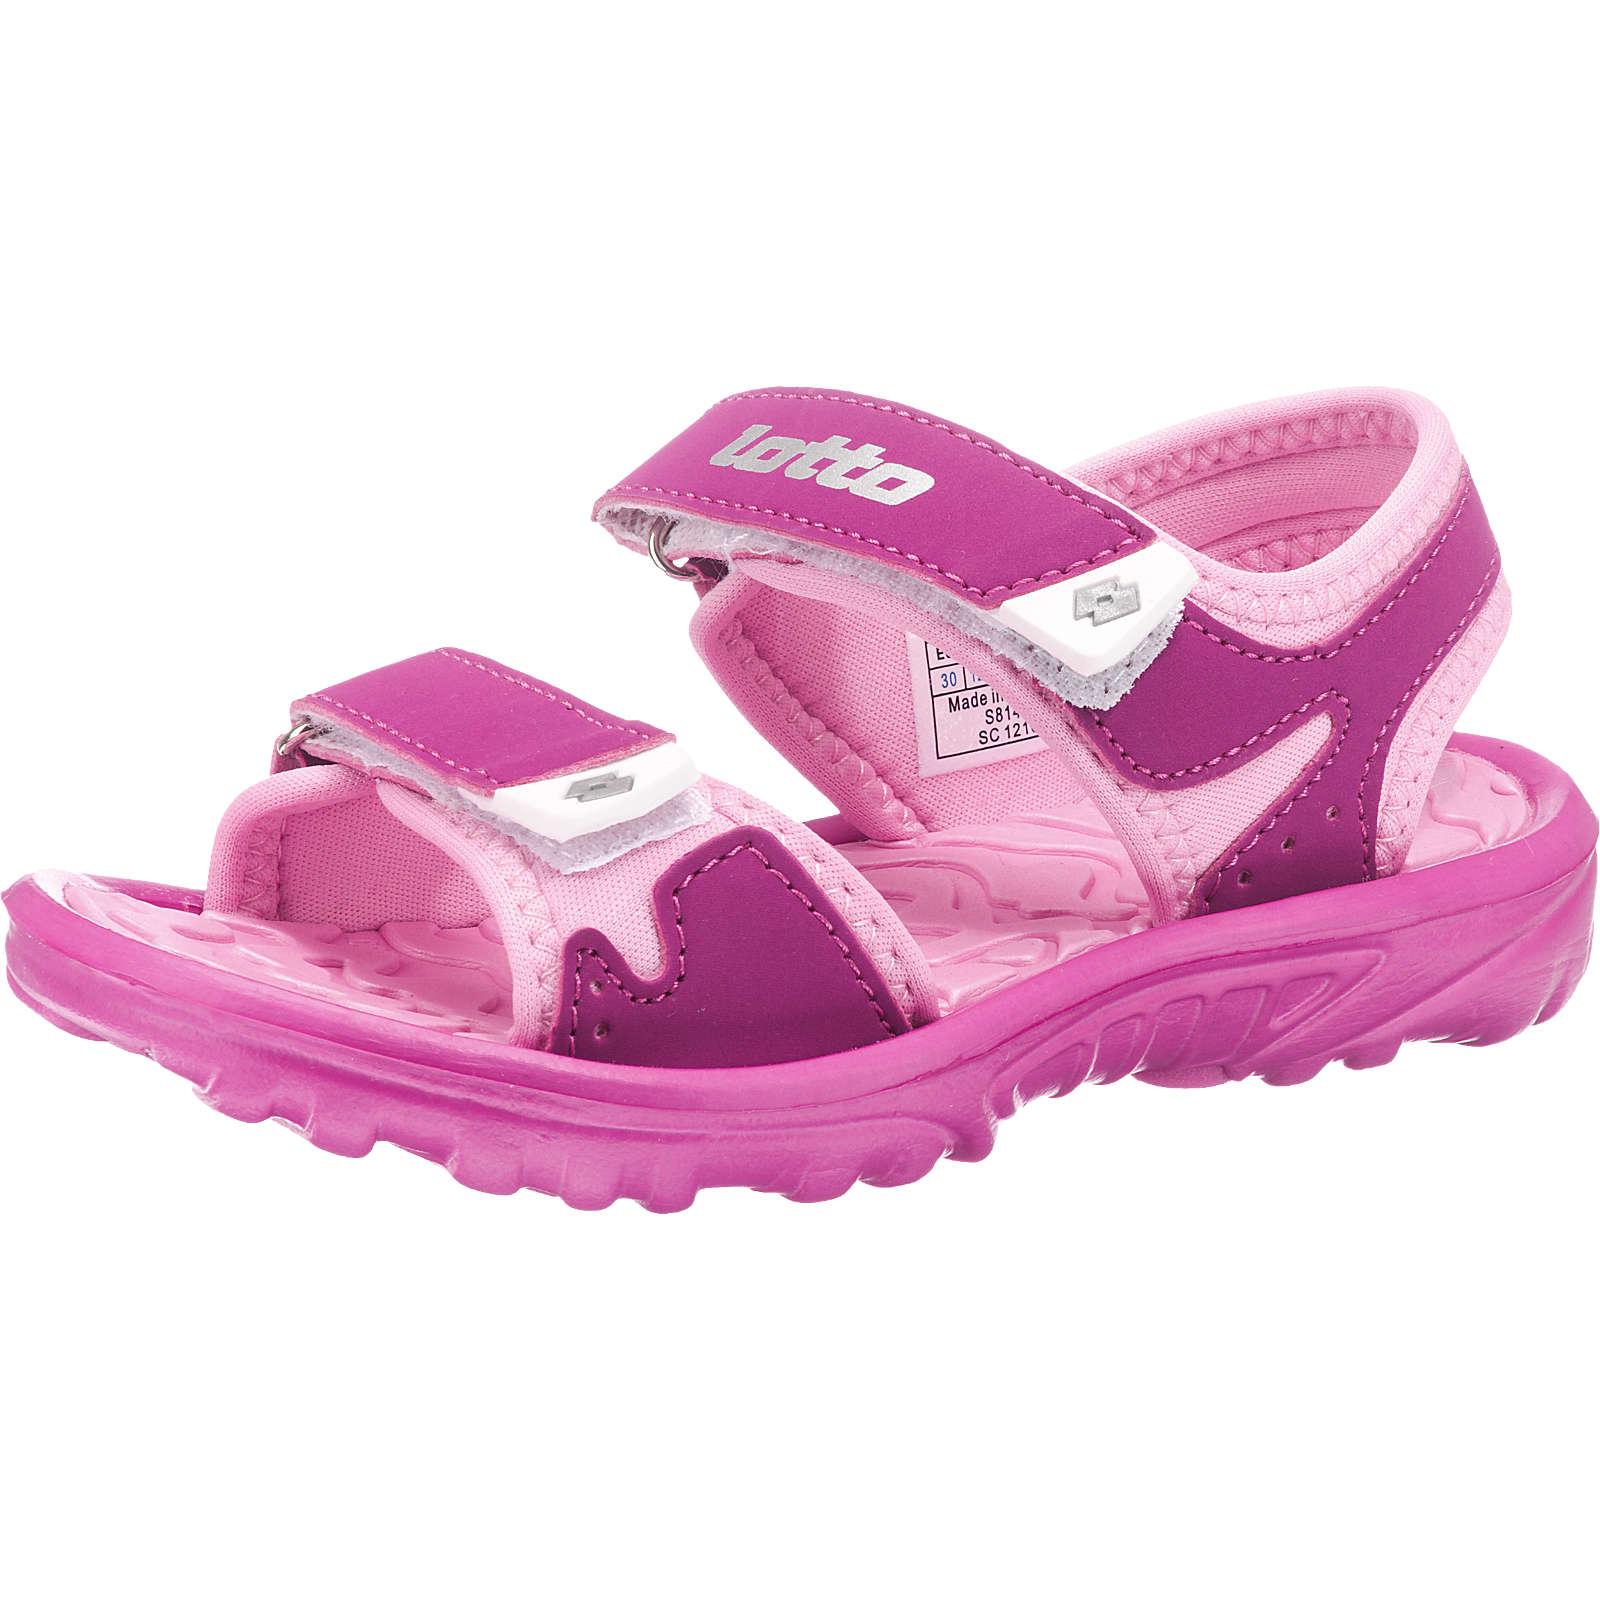 lotto Sandalen LAS ROCHAS III CL für Mädchen rosa Mädchen Gr. 27